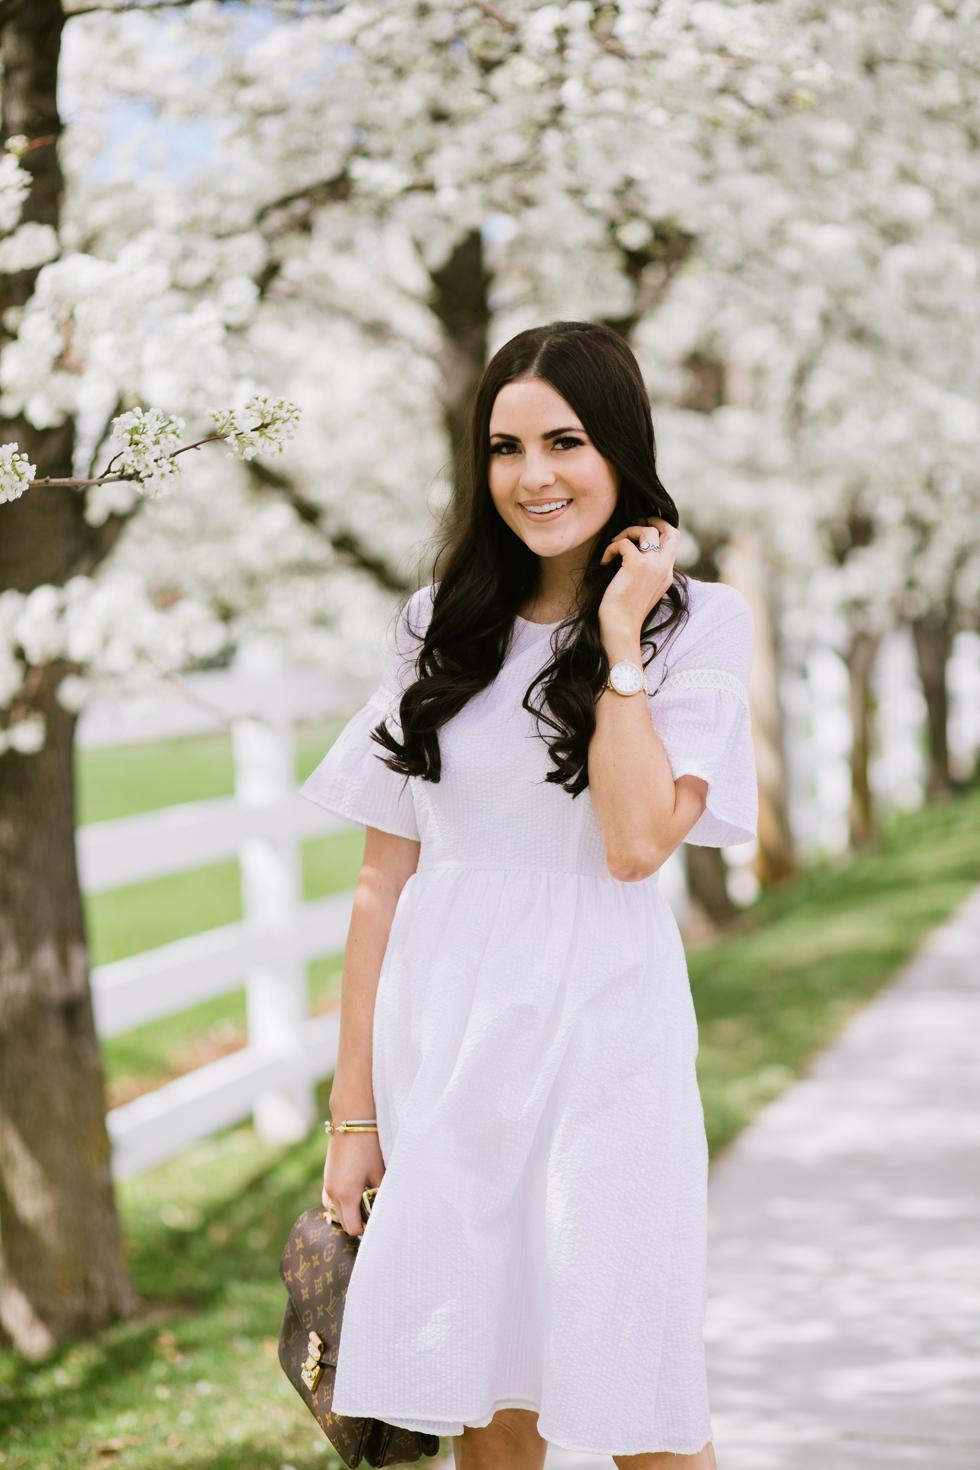 white-seer-sucker-dress-rachel-parcell - 11